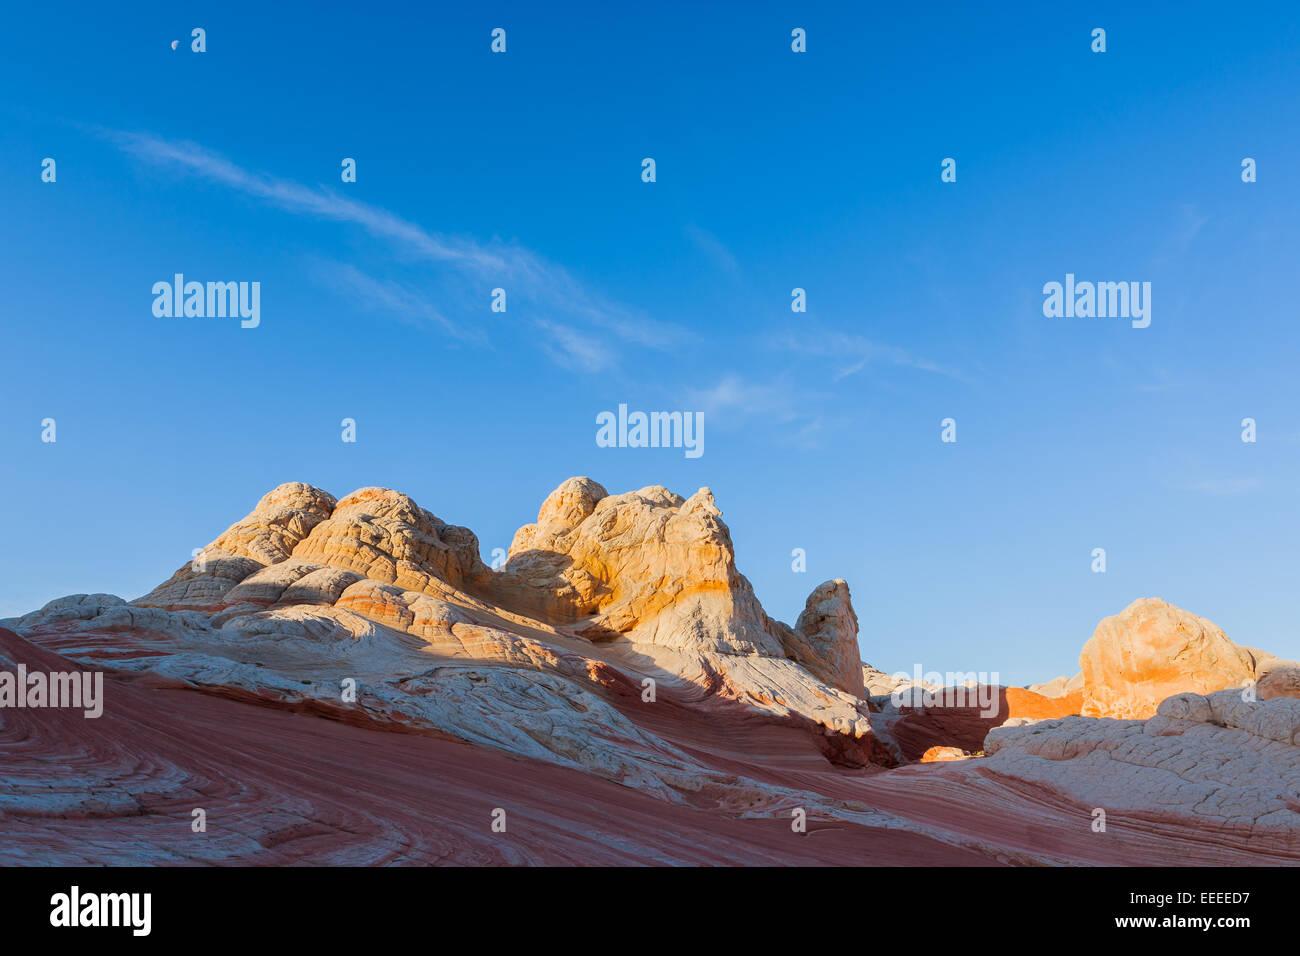 Formaciones rocosas en el bolsillo blanca que es parte del Monumento Nacional Vermilion Cliffs. Imagen De Stock